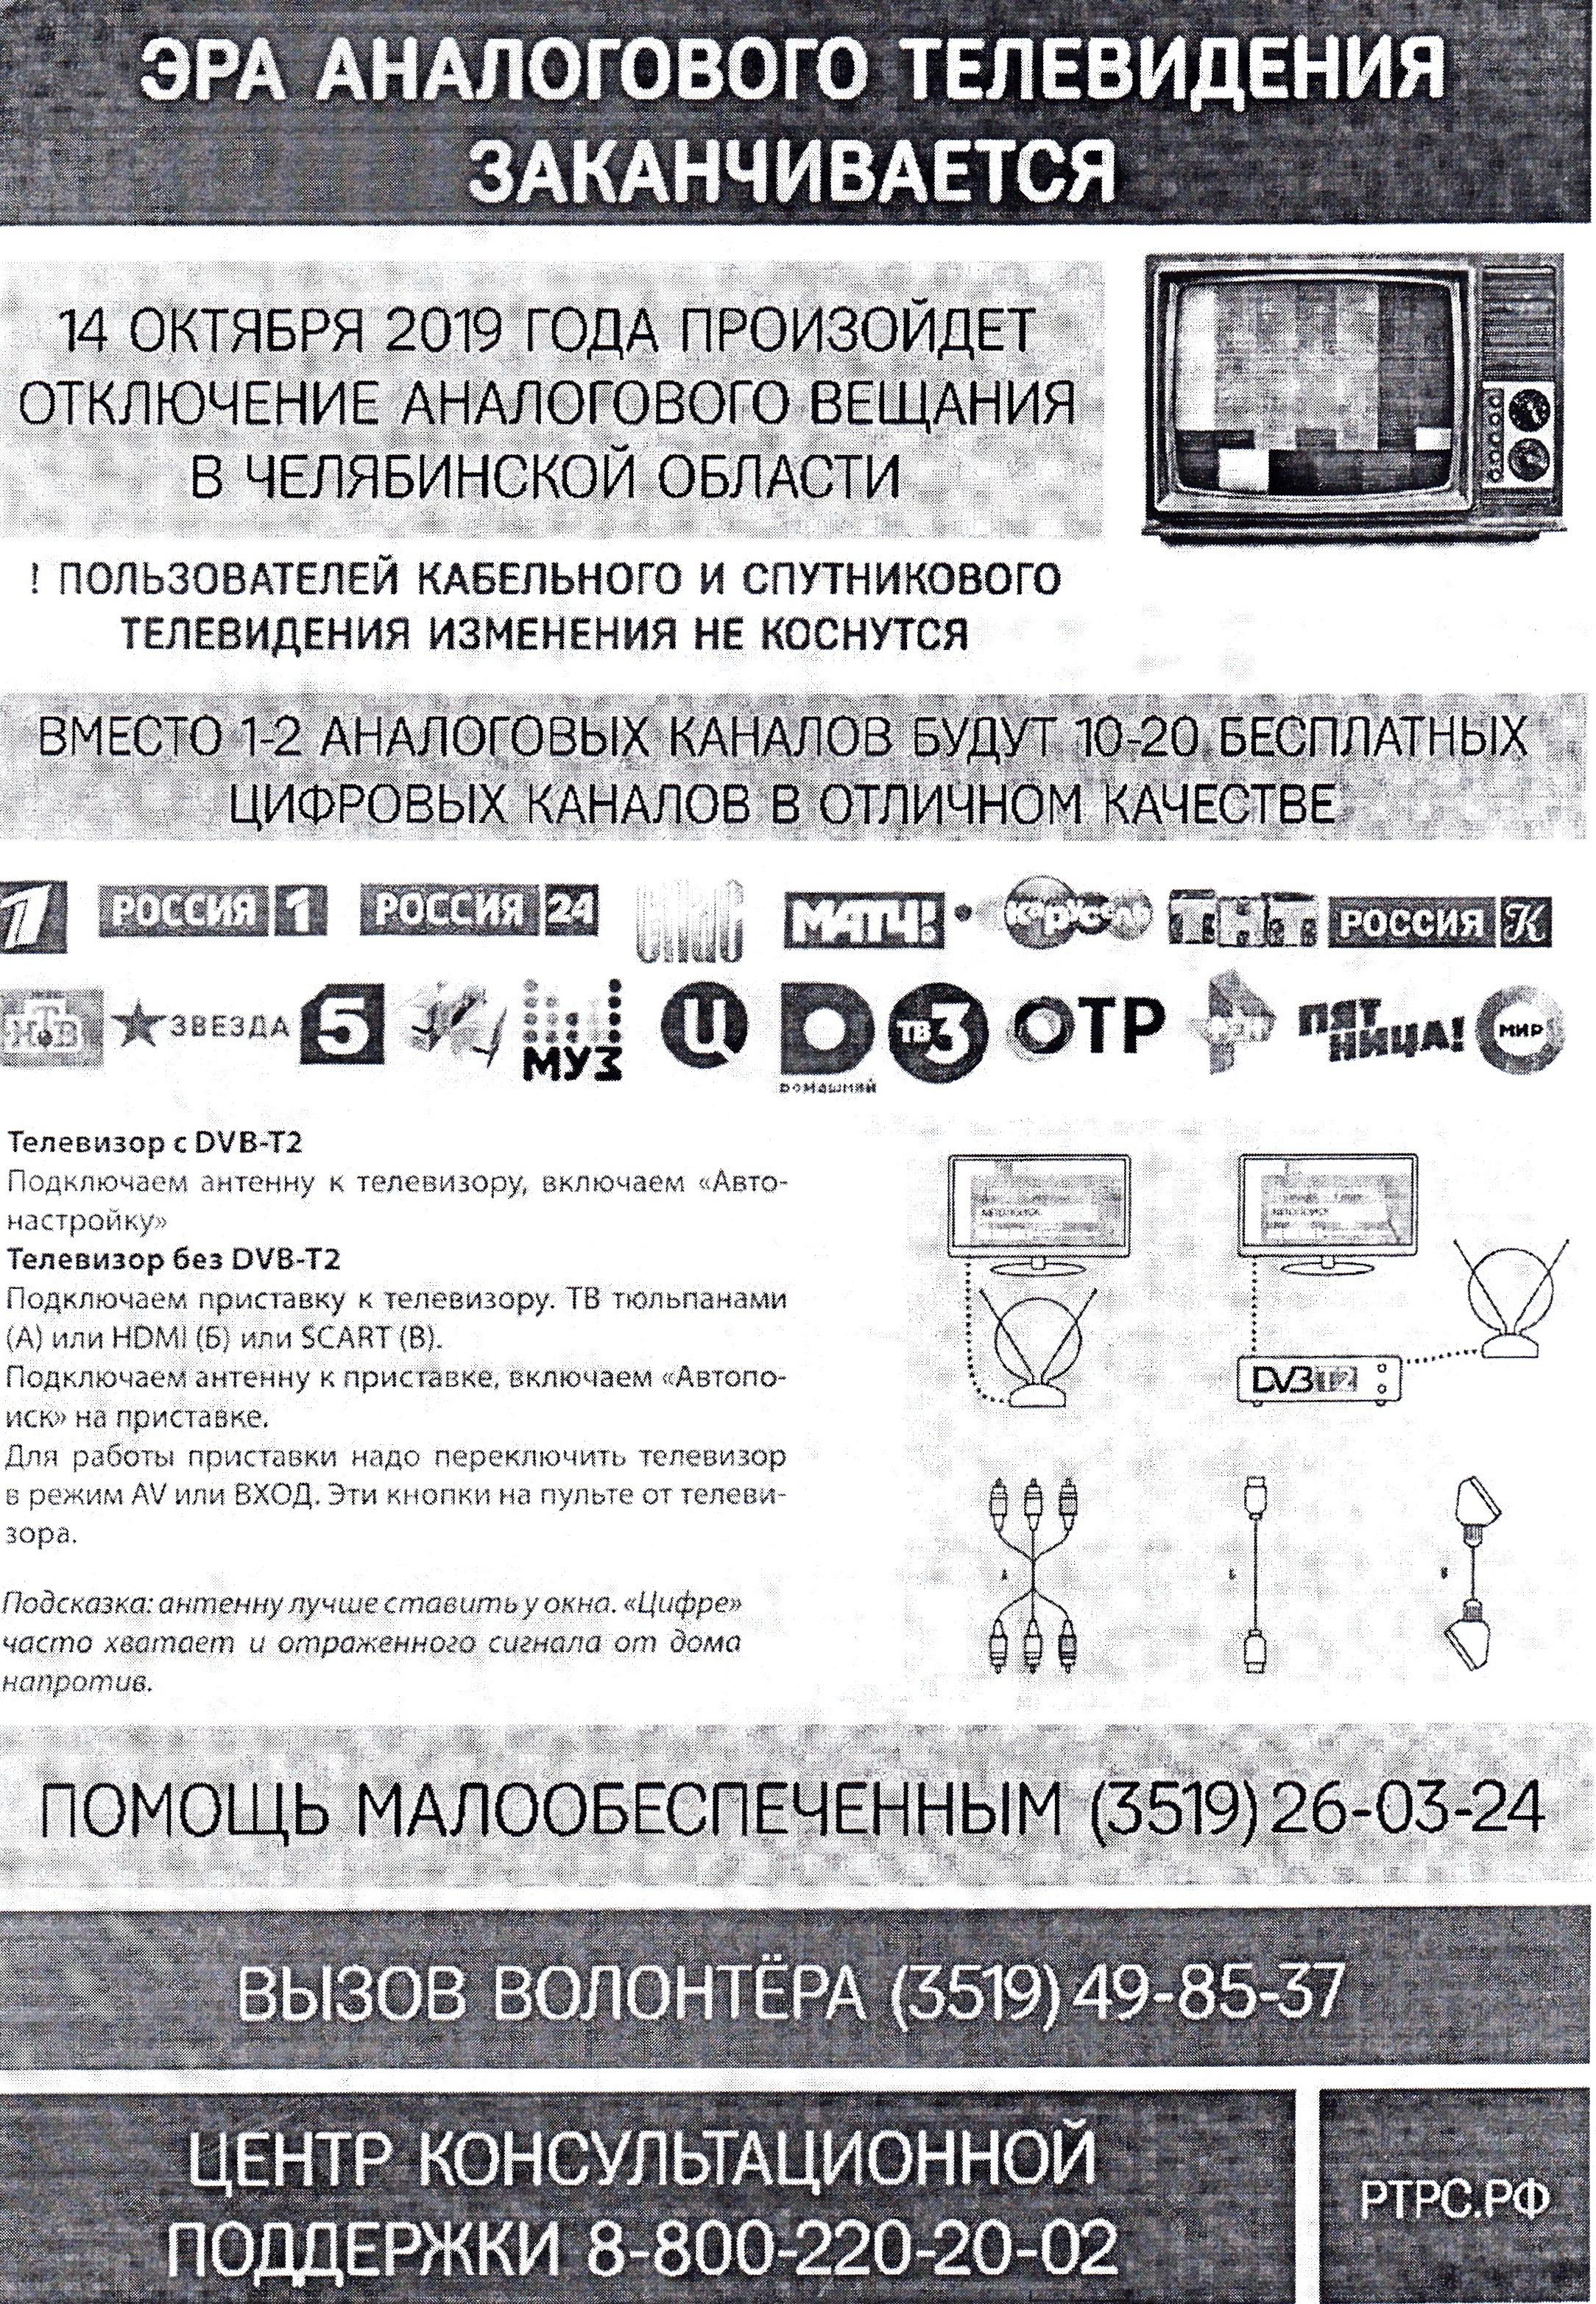 Отключение аналогового вещания с 14.10.19 г..jpg